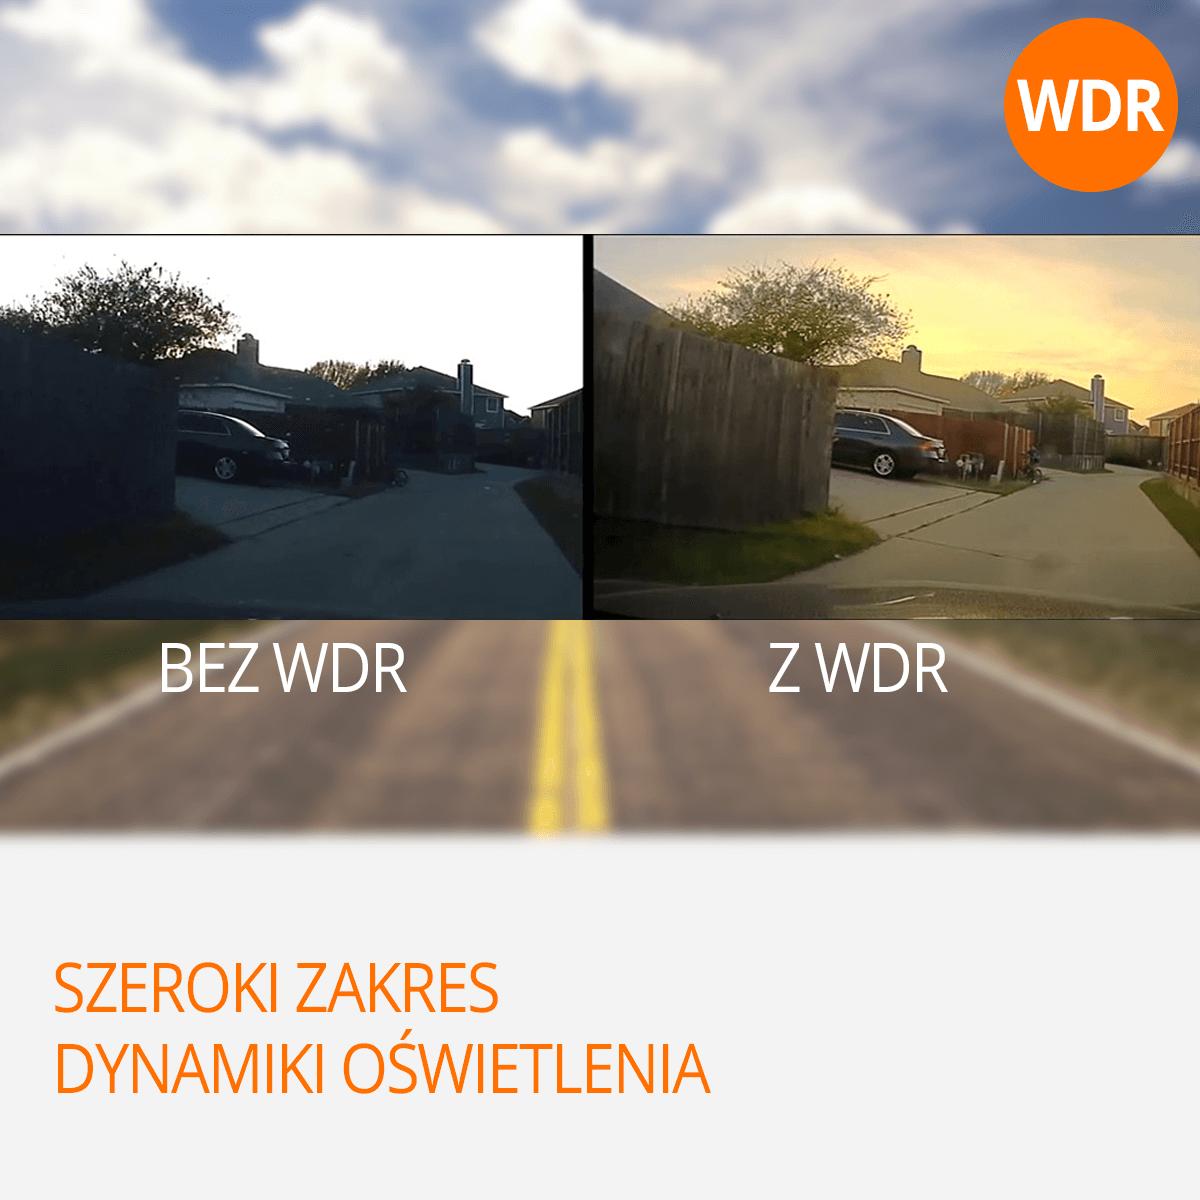 Kamera-samochodowa-z-WDR-orllo-pl